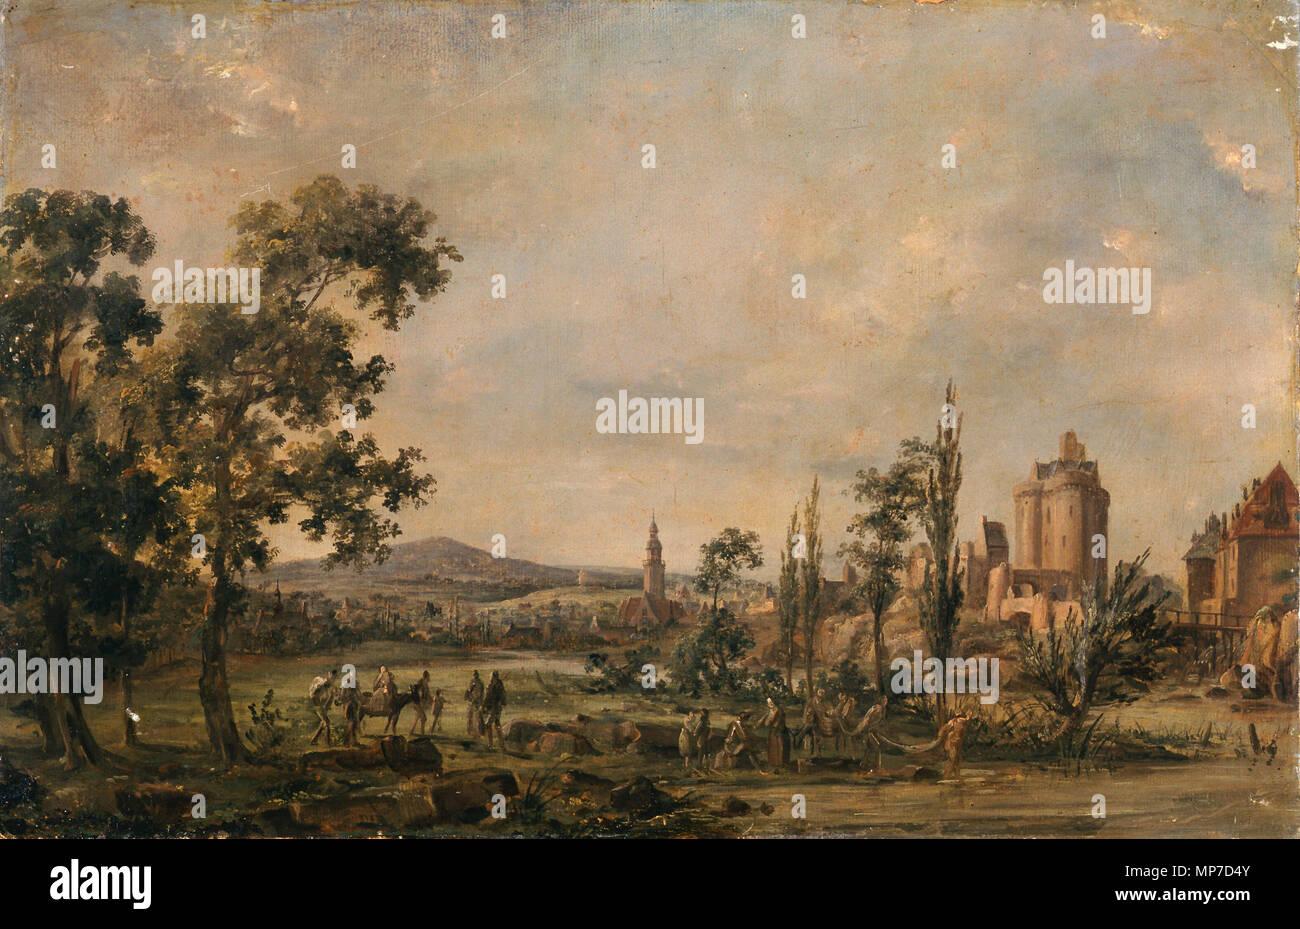 968 Paysage - anonyme - musée d'art et d'histoire de Saint-Brieucb Stock Photo